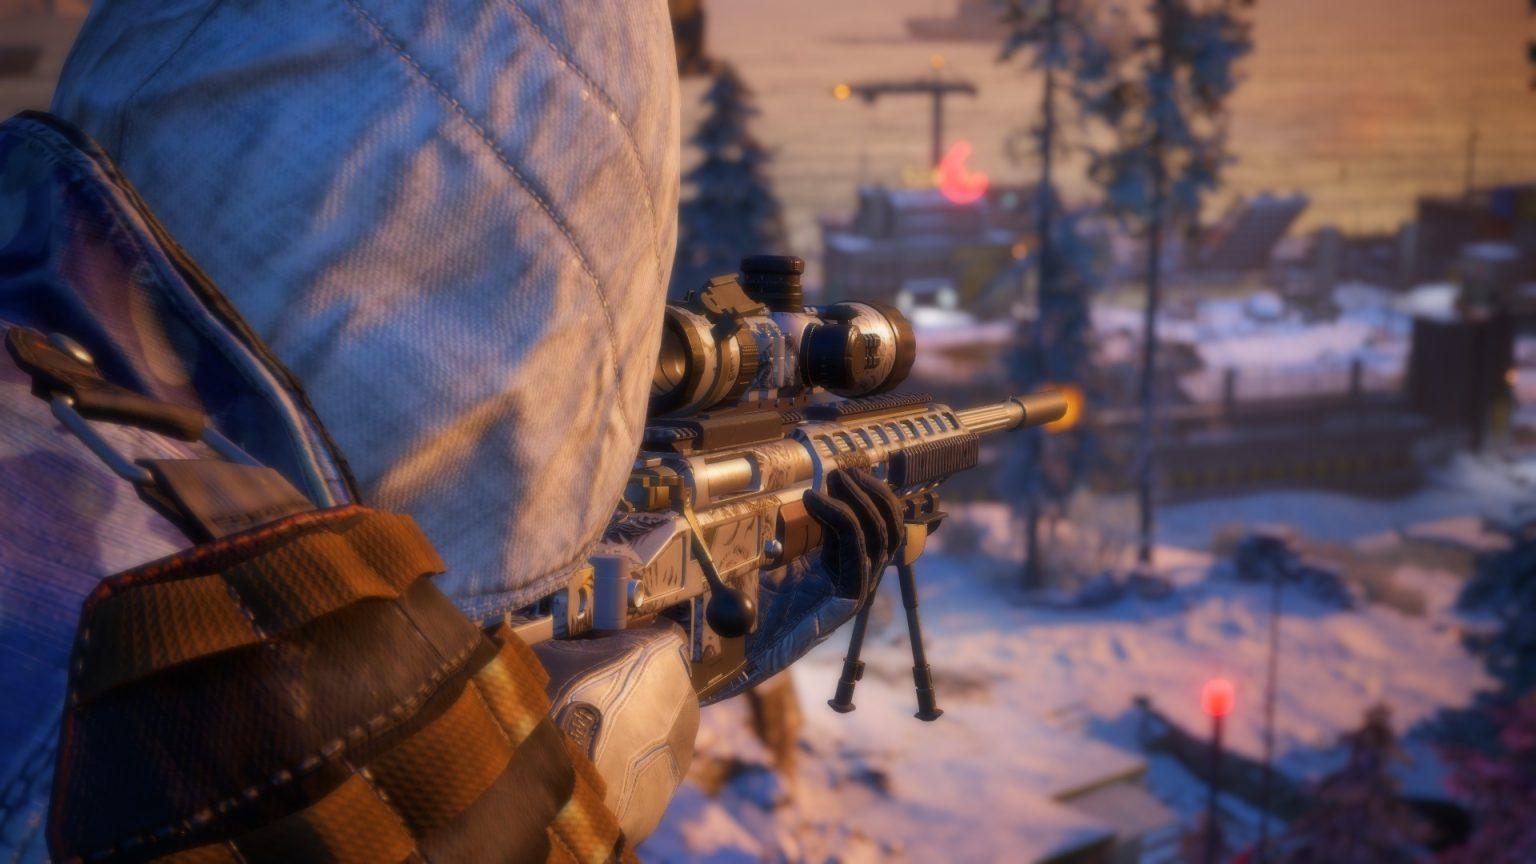 Анонс Sniper Ghost Warrior Contracts 2. Убивайте врагов с более чем 1000 метров